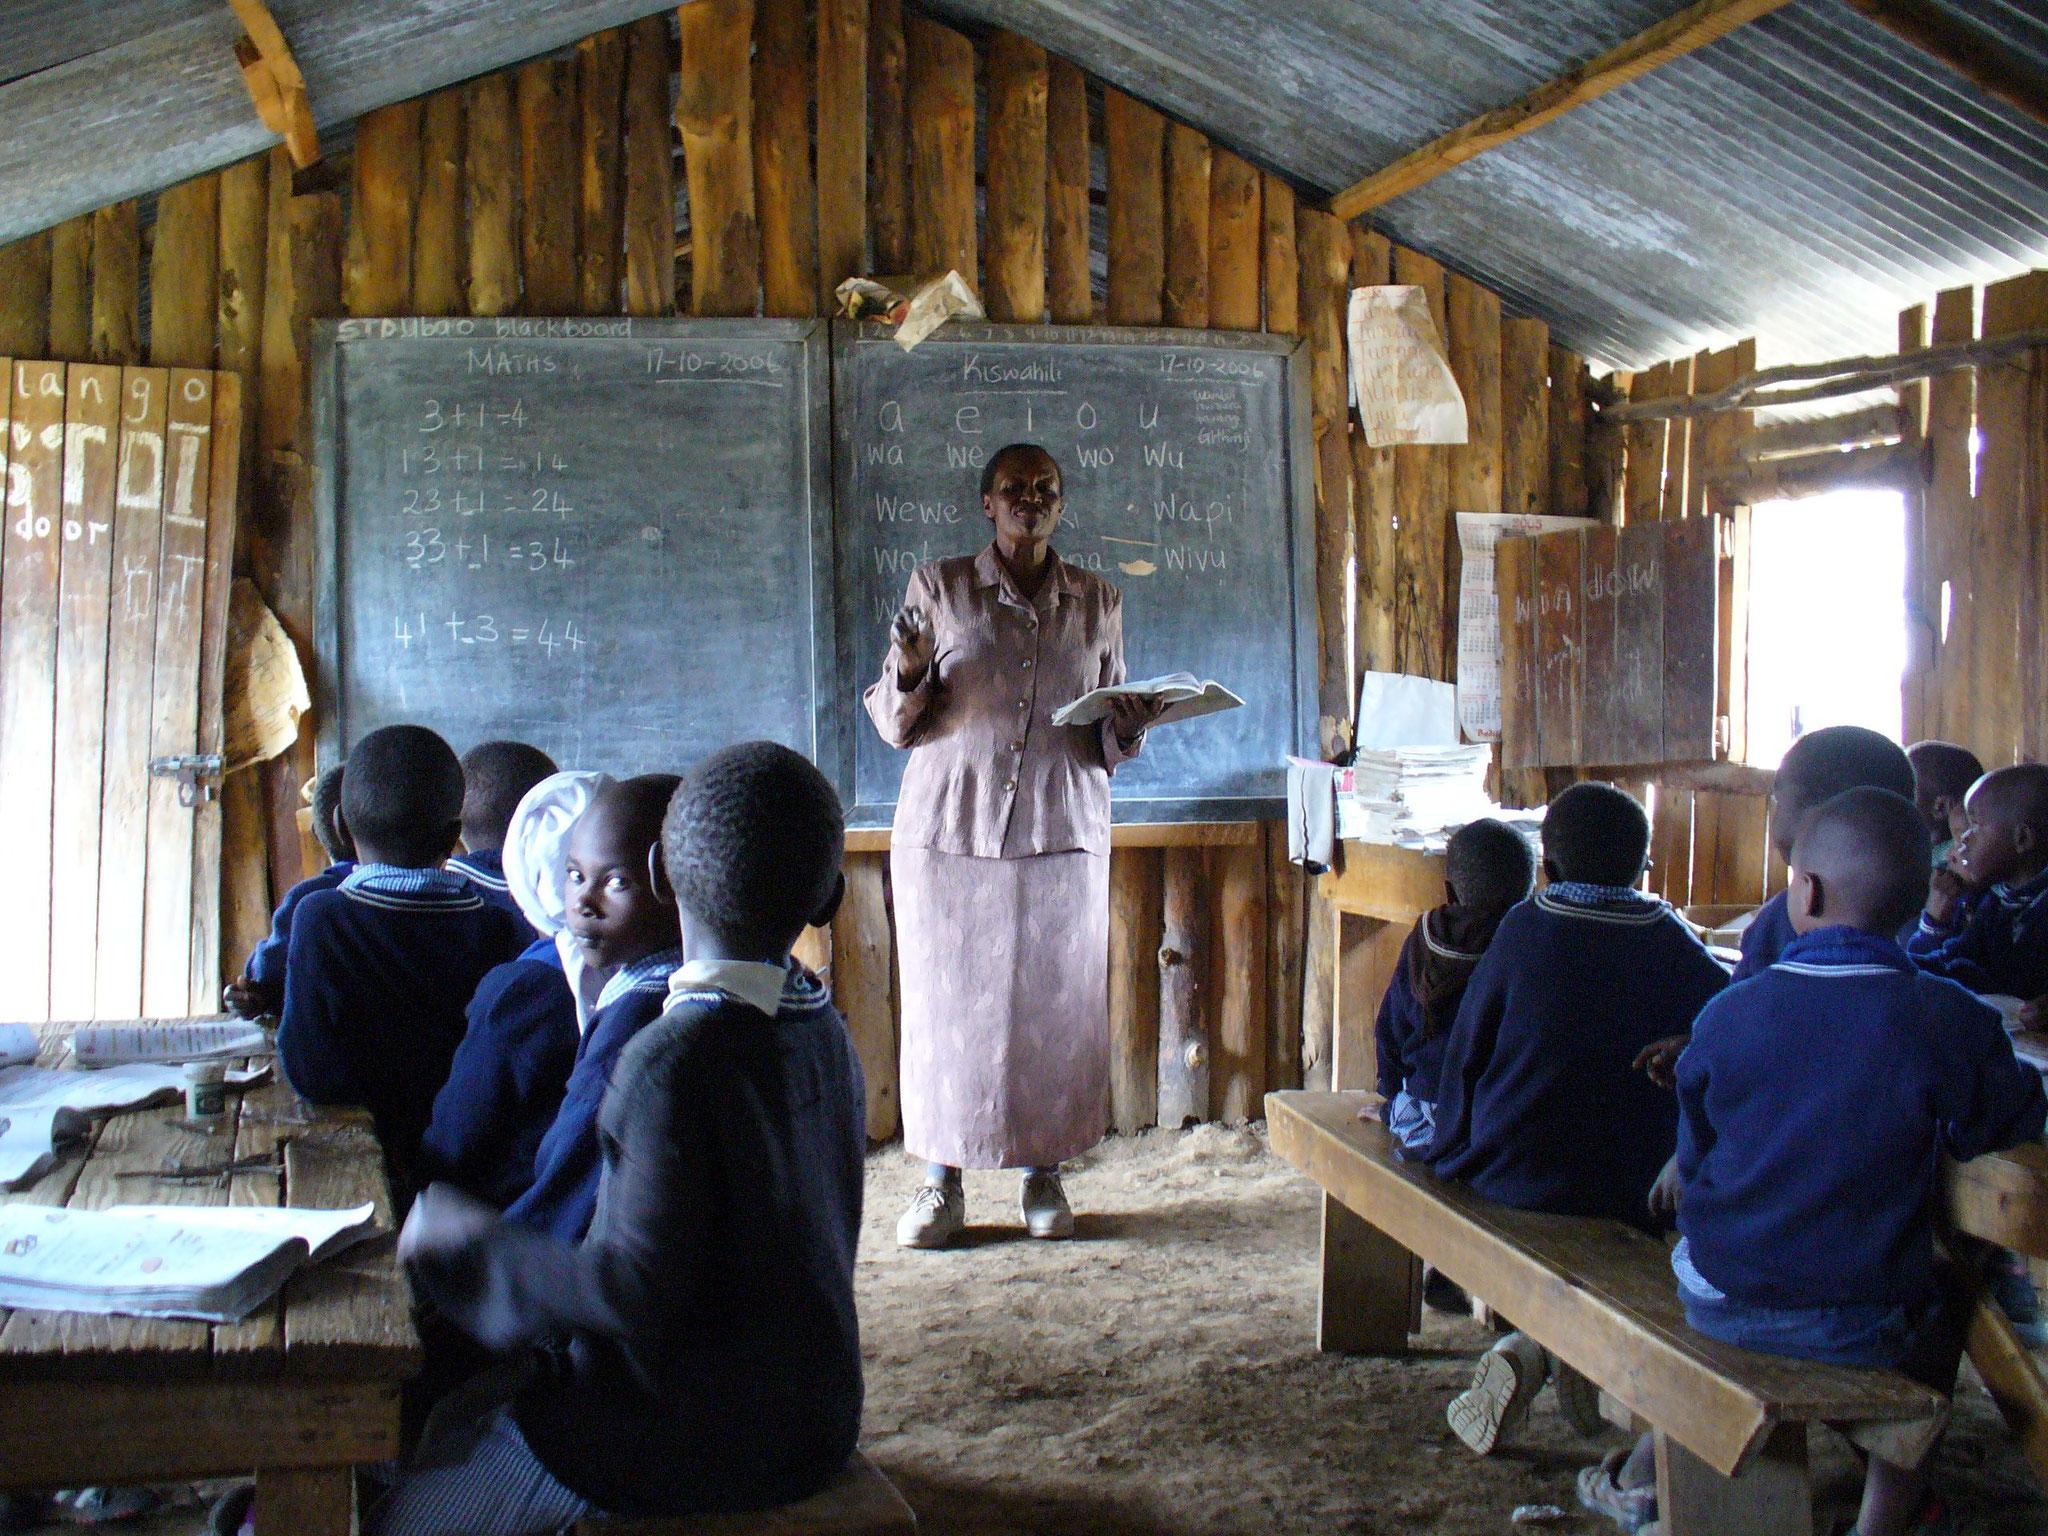 Unterricht in der alten, undichten Baracke ohne Fußboden und richtige Fenster